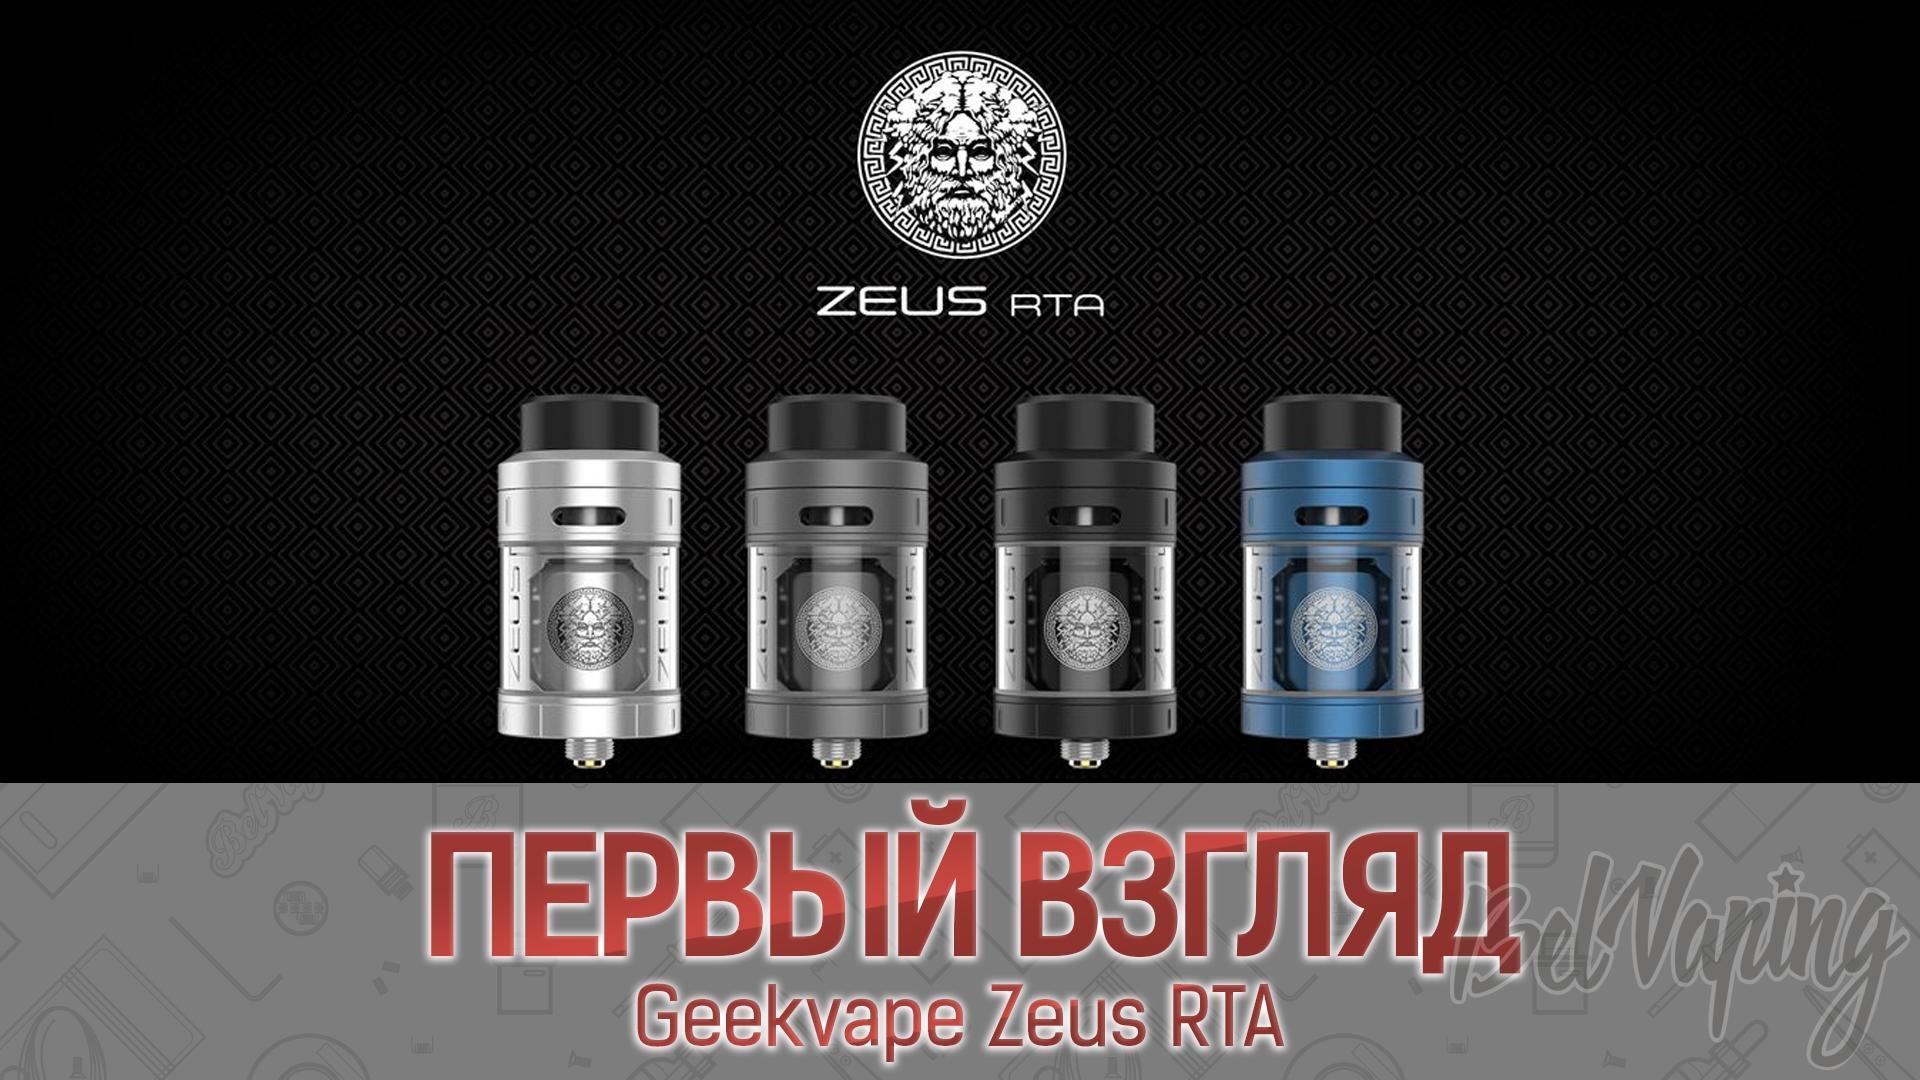 Geekvape Zeus RTA. Первый взгляд